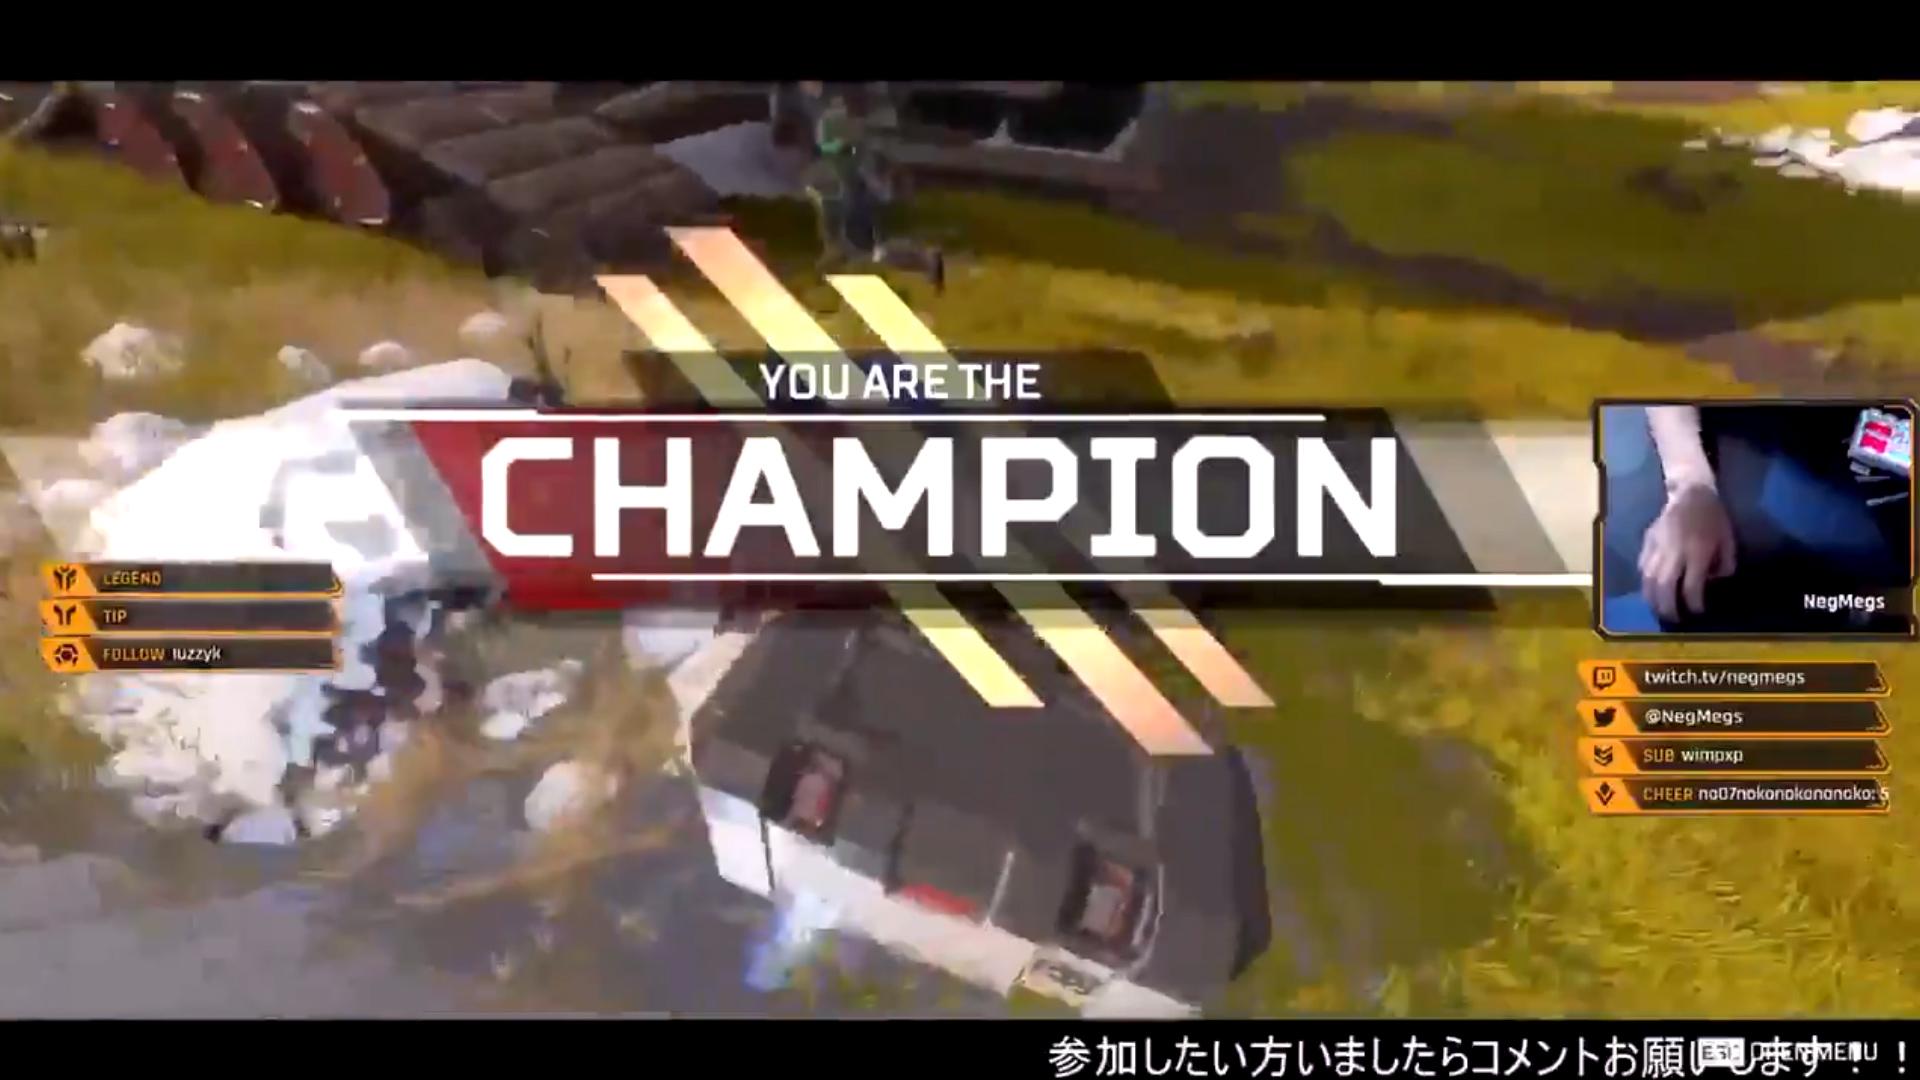 【悲報】日本のスクリムに出場している選手が配信中に死体撃ちをしている件について・・・